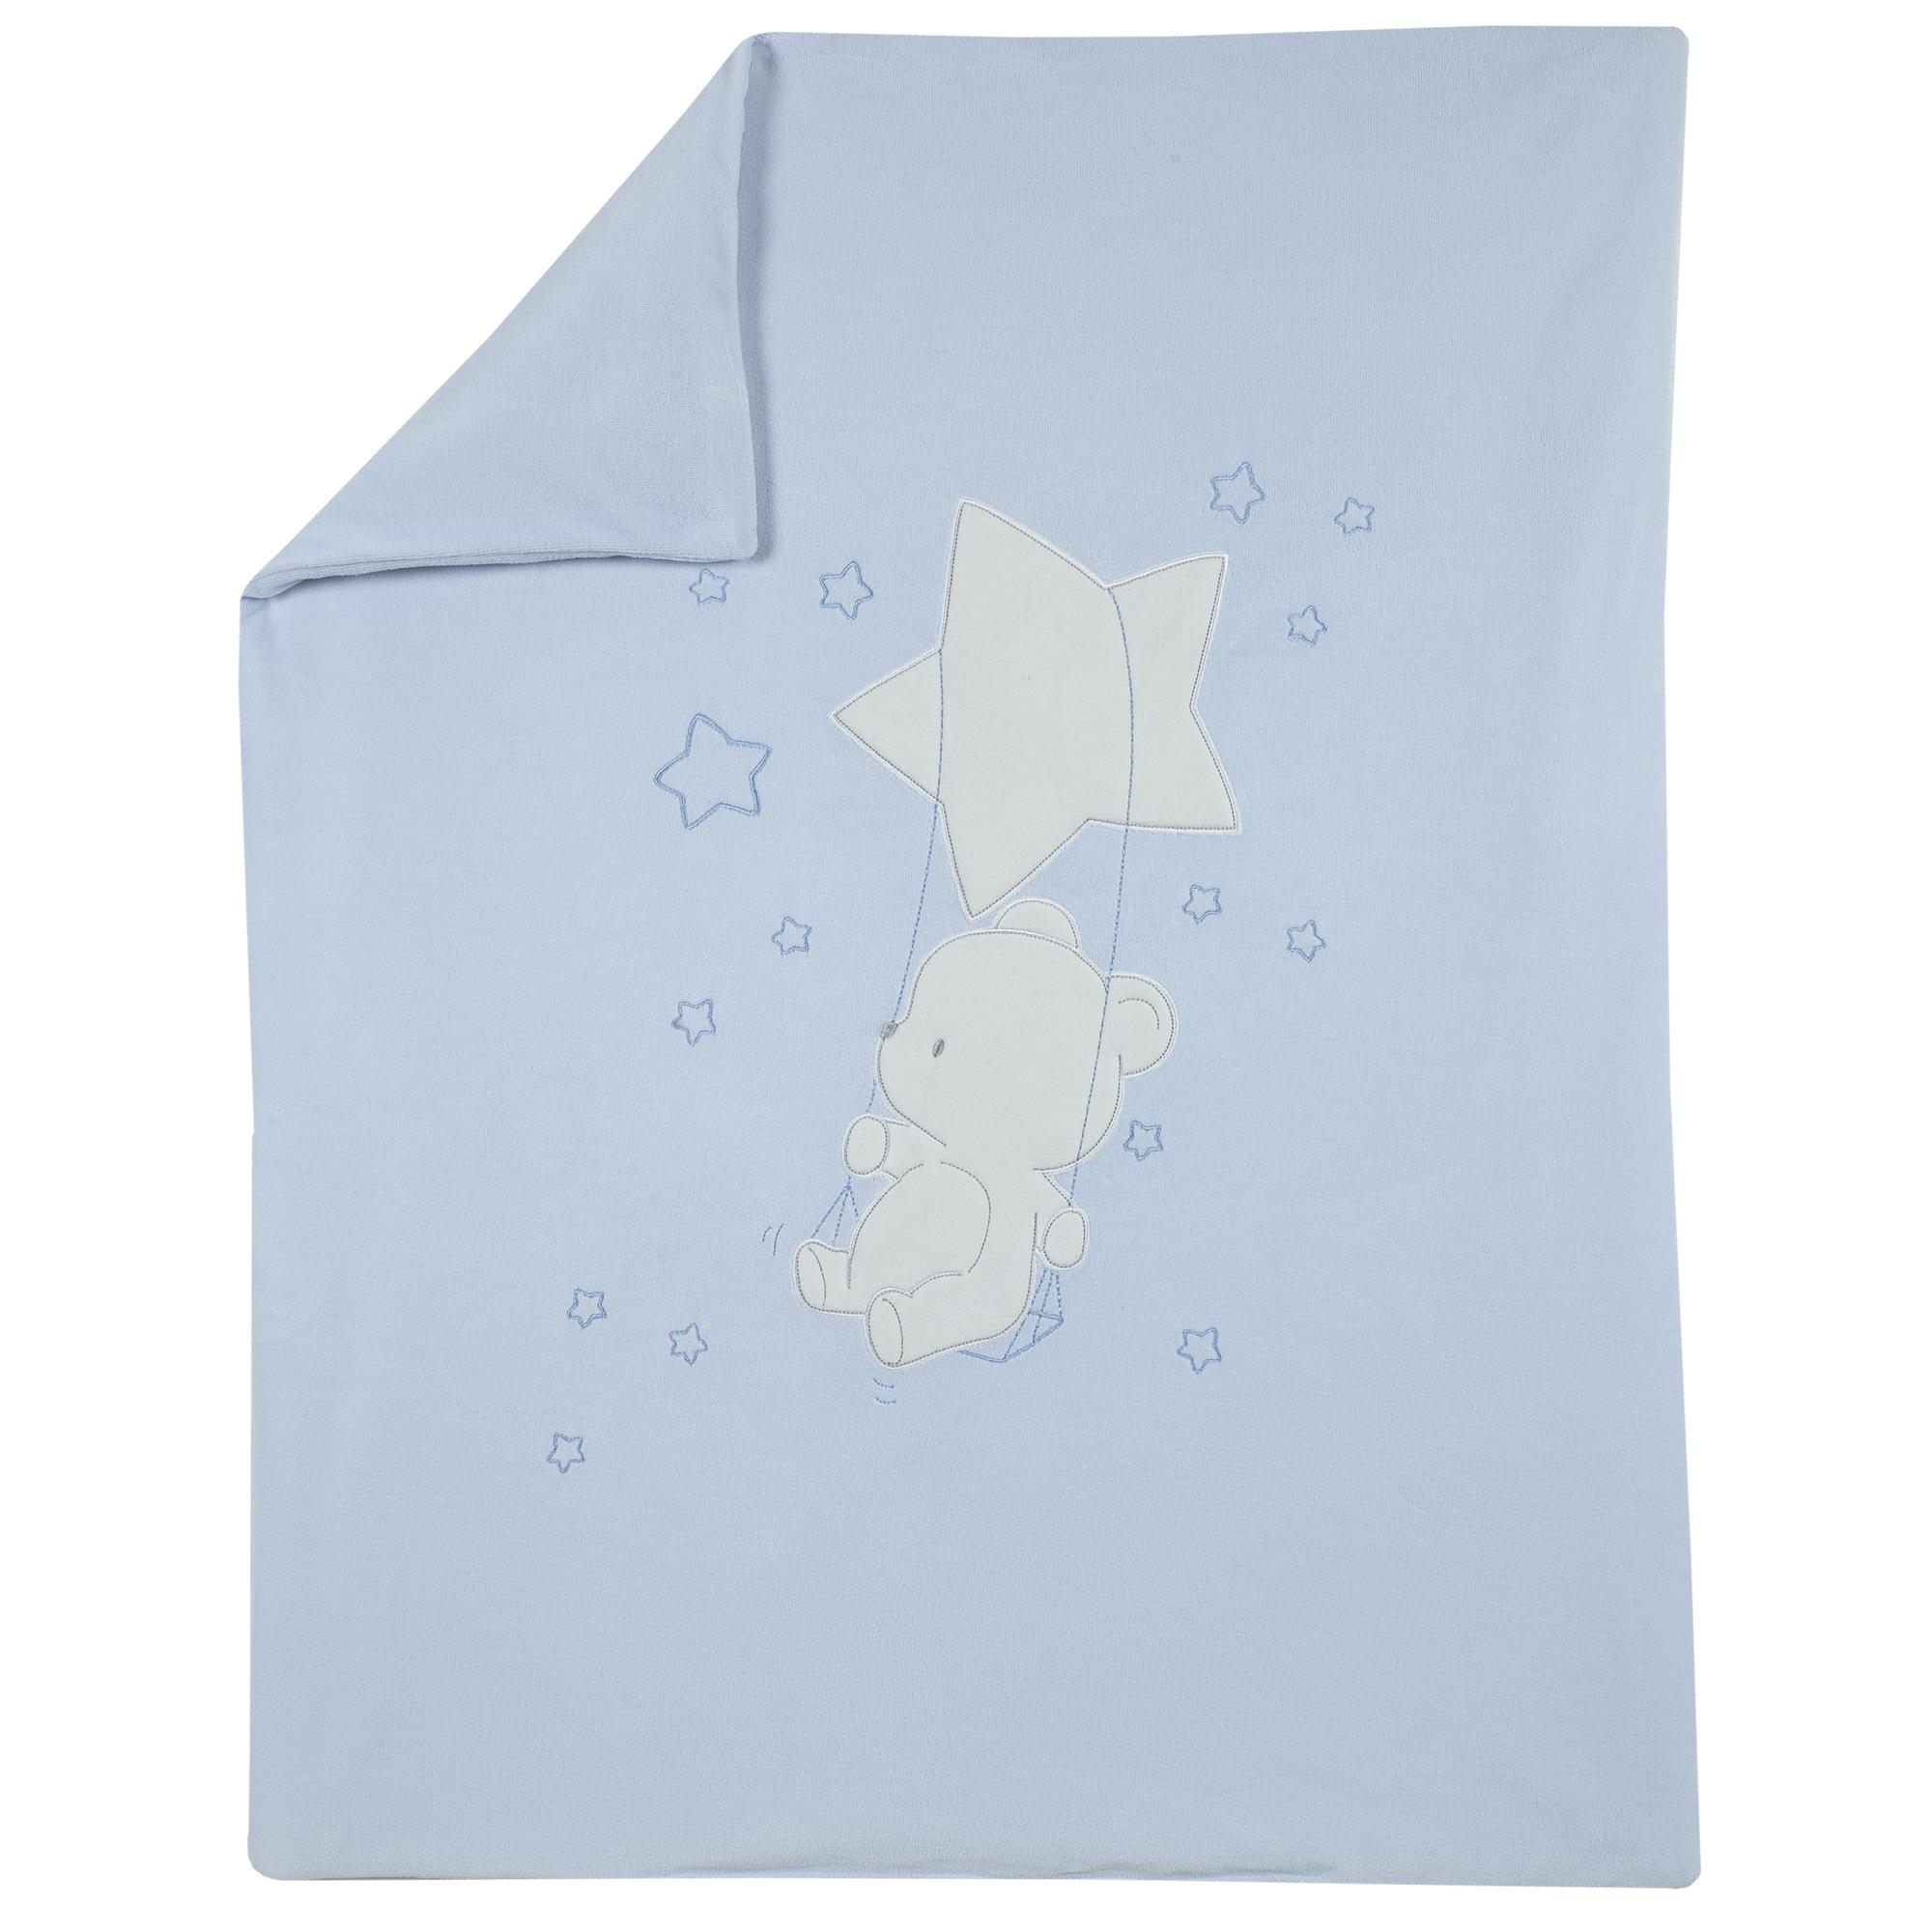 Plapuma copii velur Chicco, albastru, 05045 din categoria Patura, Cearsaf, Husa